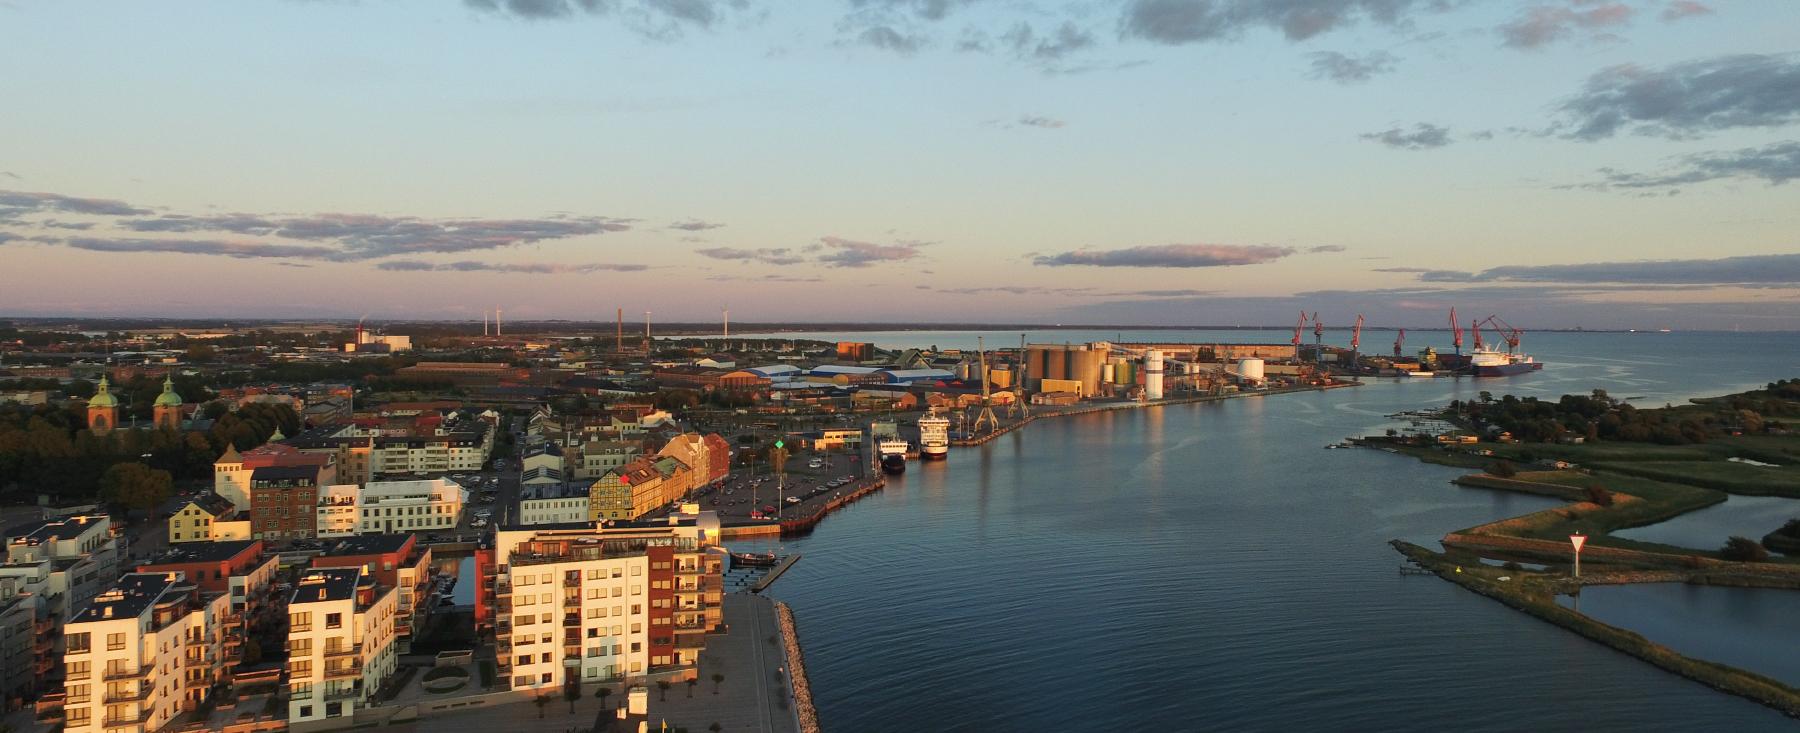 Landskrona panorama